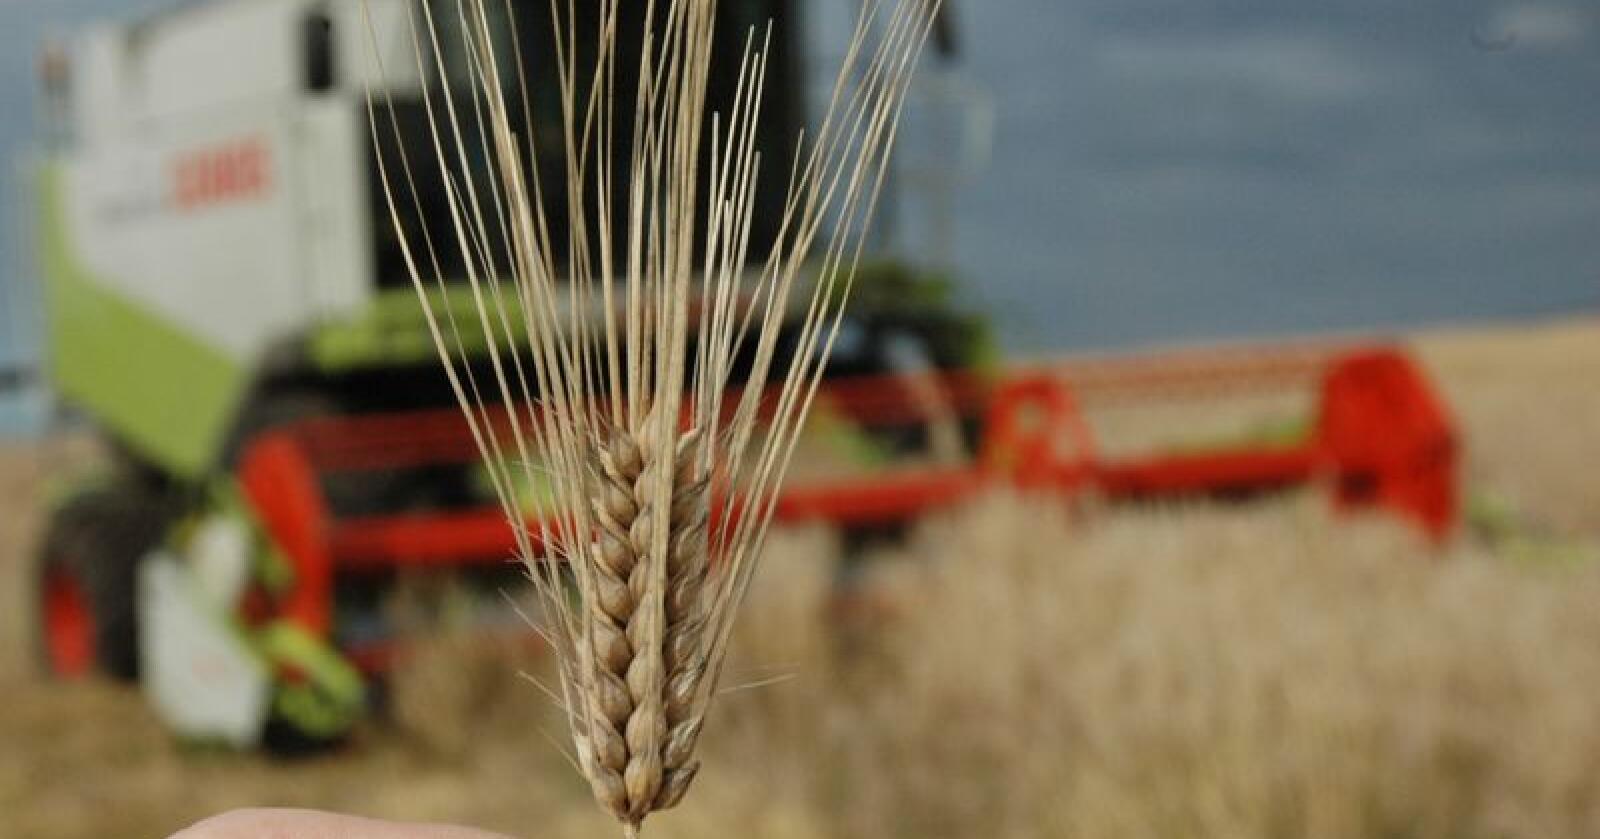 Korn taper: Grasarealet går tilbake i Nord-Norge og Vestlandet. Samtidig øker grasproduksjonen på Østlandet. – Det er kun de aller beste kornavlingene, med den aller høyeste kornprisen, som klarer å konkurrere med dekningsbidraget for gras, sier Per Christian Rålm. Foto: Lars Olav Haug